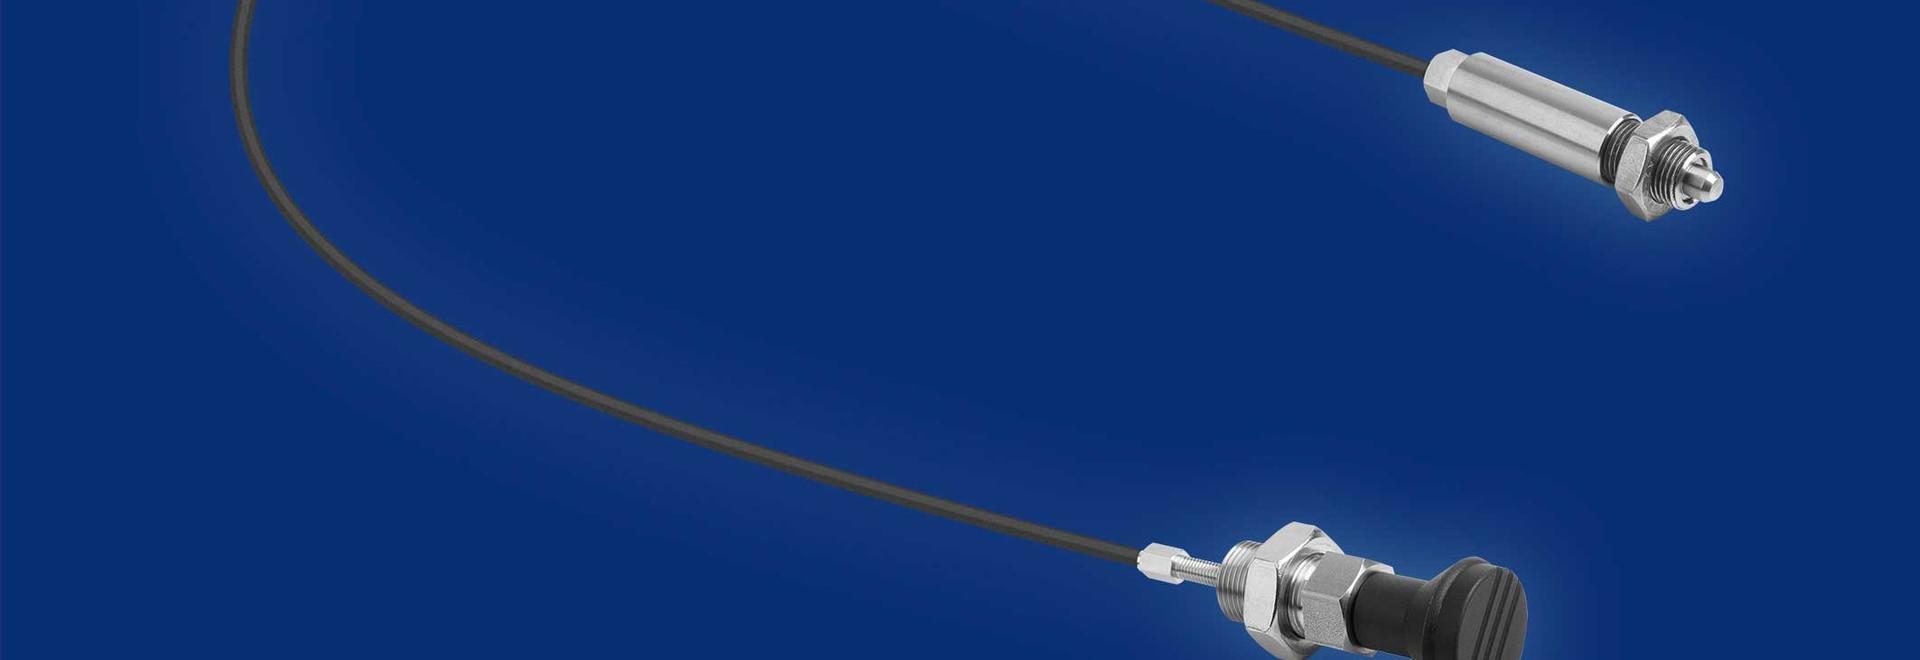 Piston d'indexation KIPP avec câble Bowden